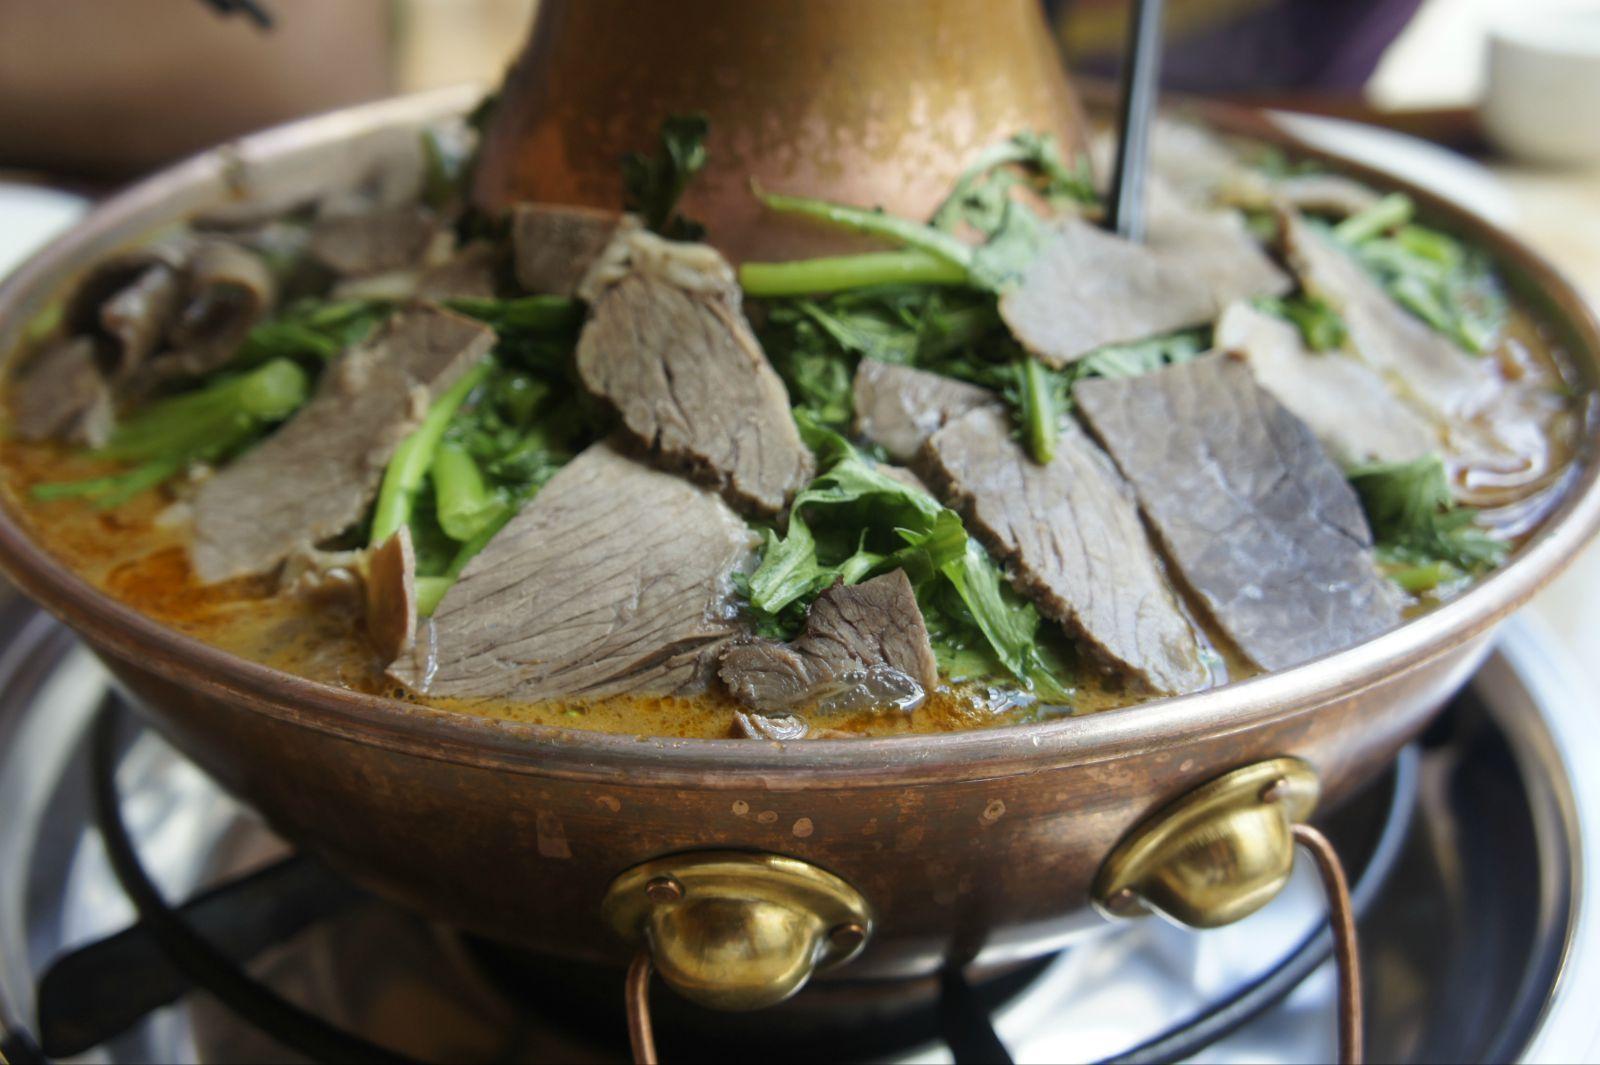 耗牛肉火锅,量多肉鲜,又一次吃的饱的不行